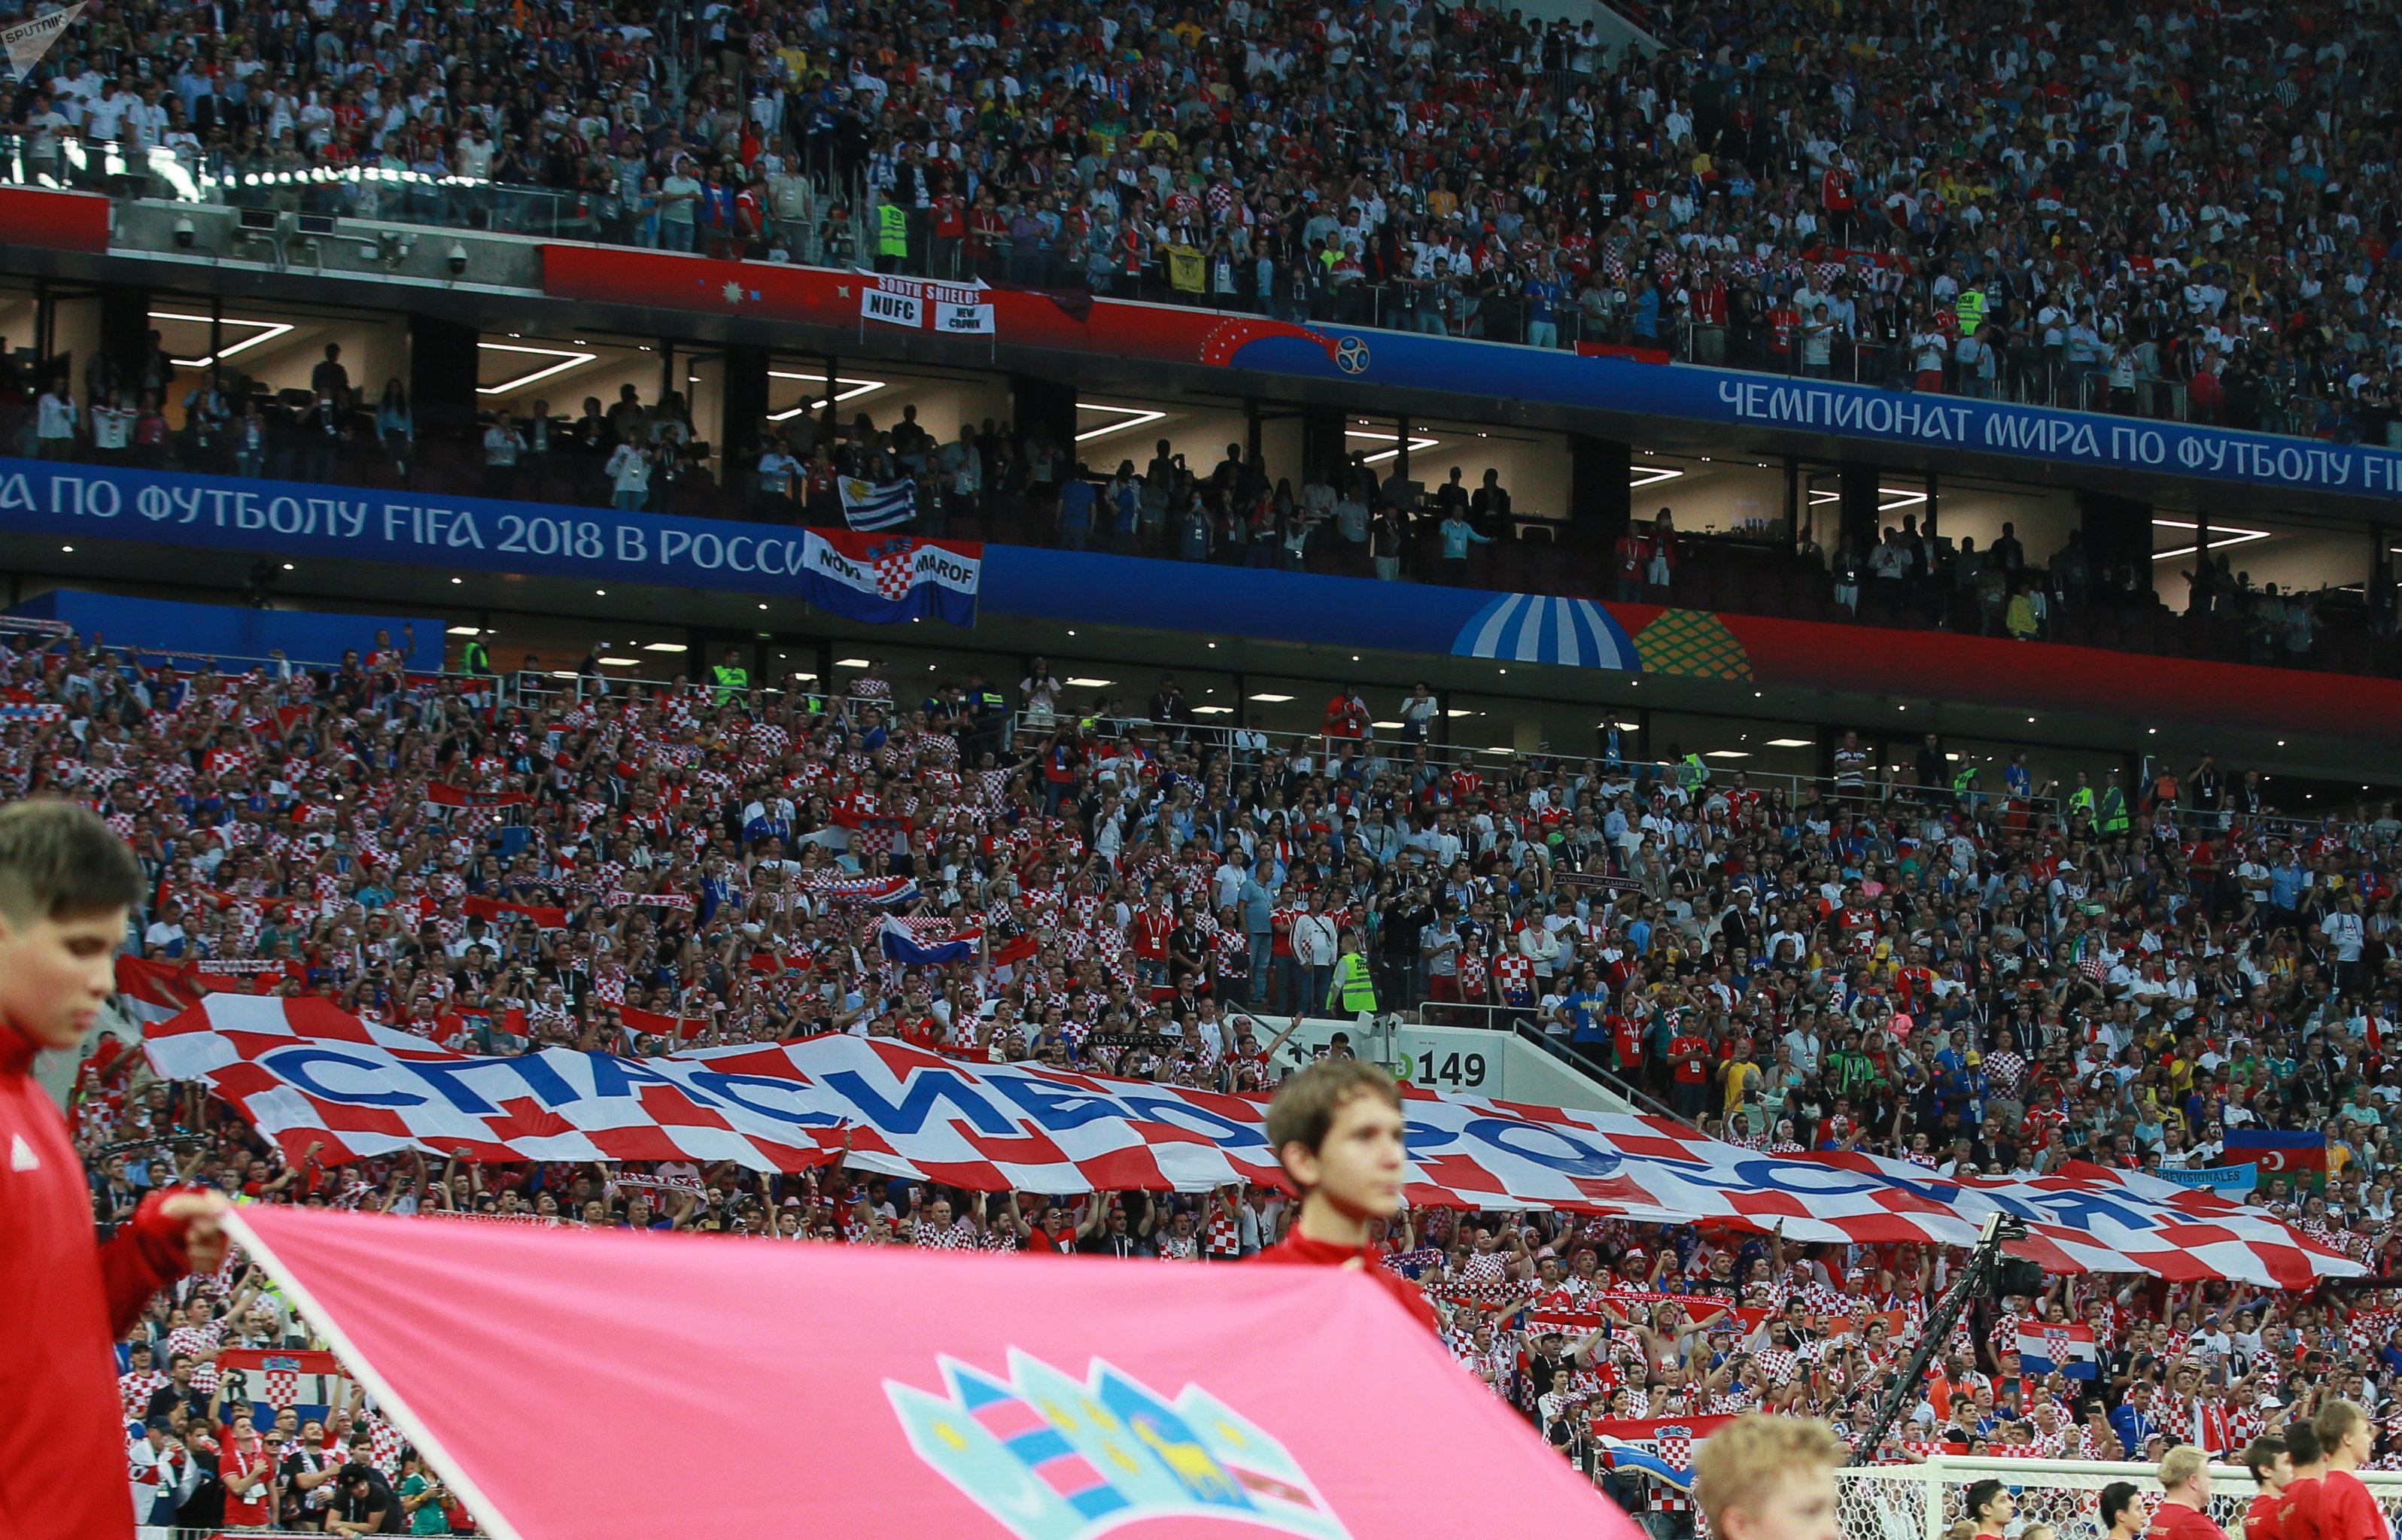 Des supporters de l'équipe croate ont préparé une bannière de 50 m sur laquelle est écrit en russe «Merci la Russie»